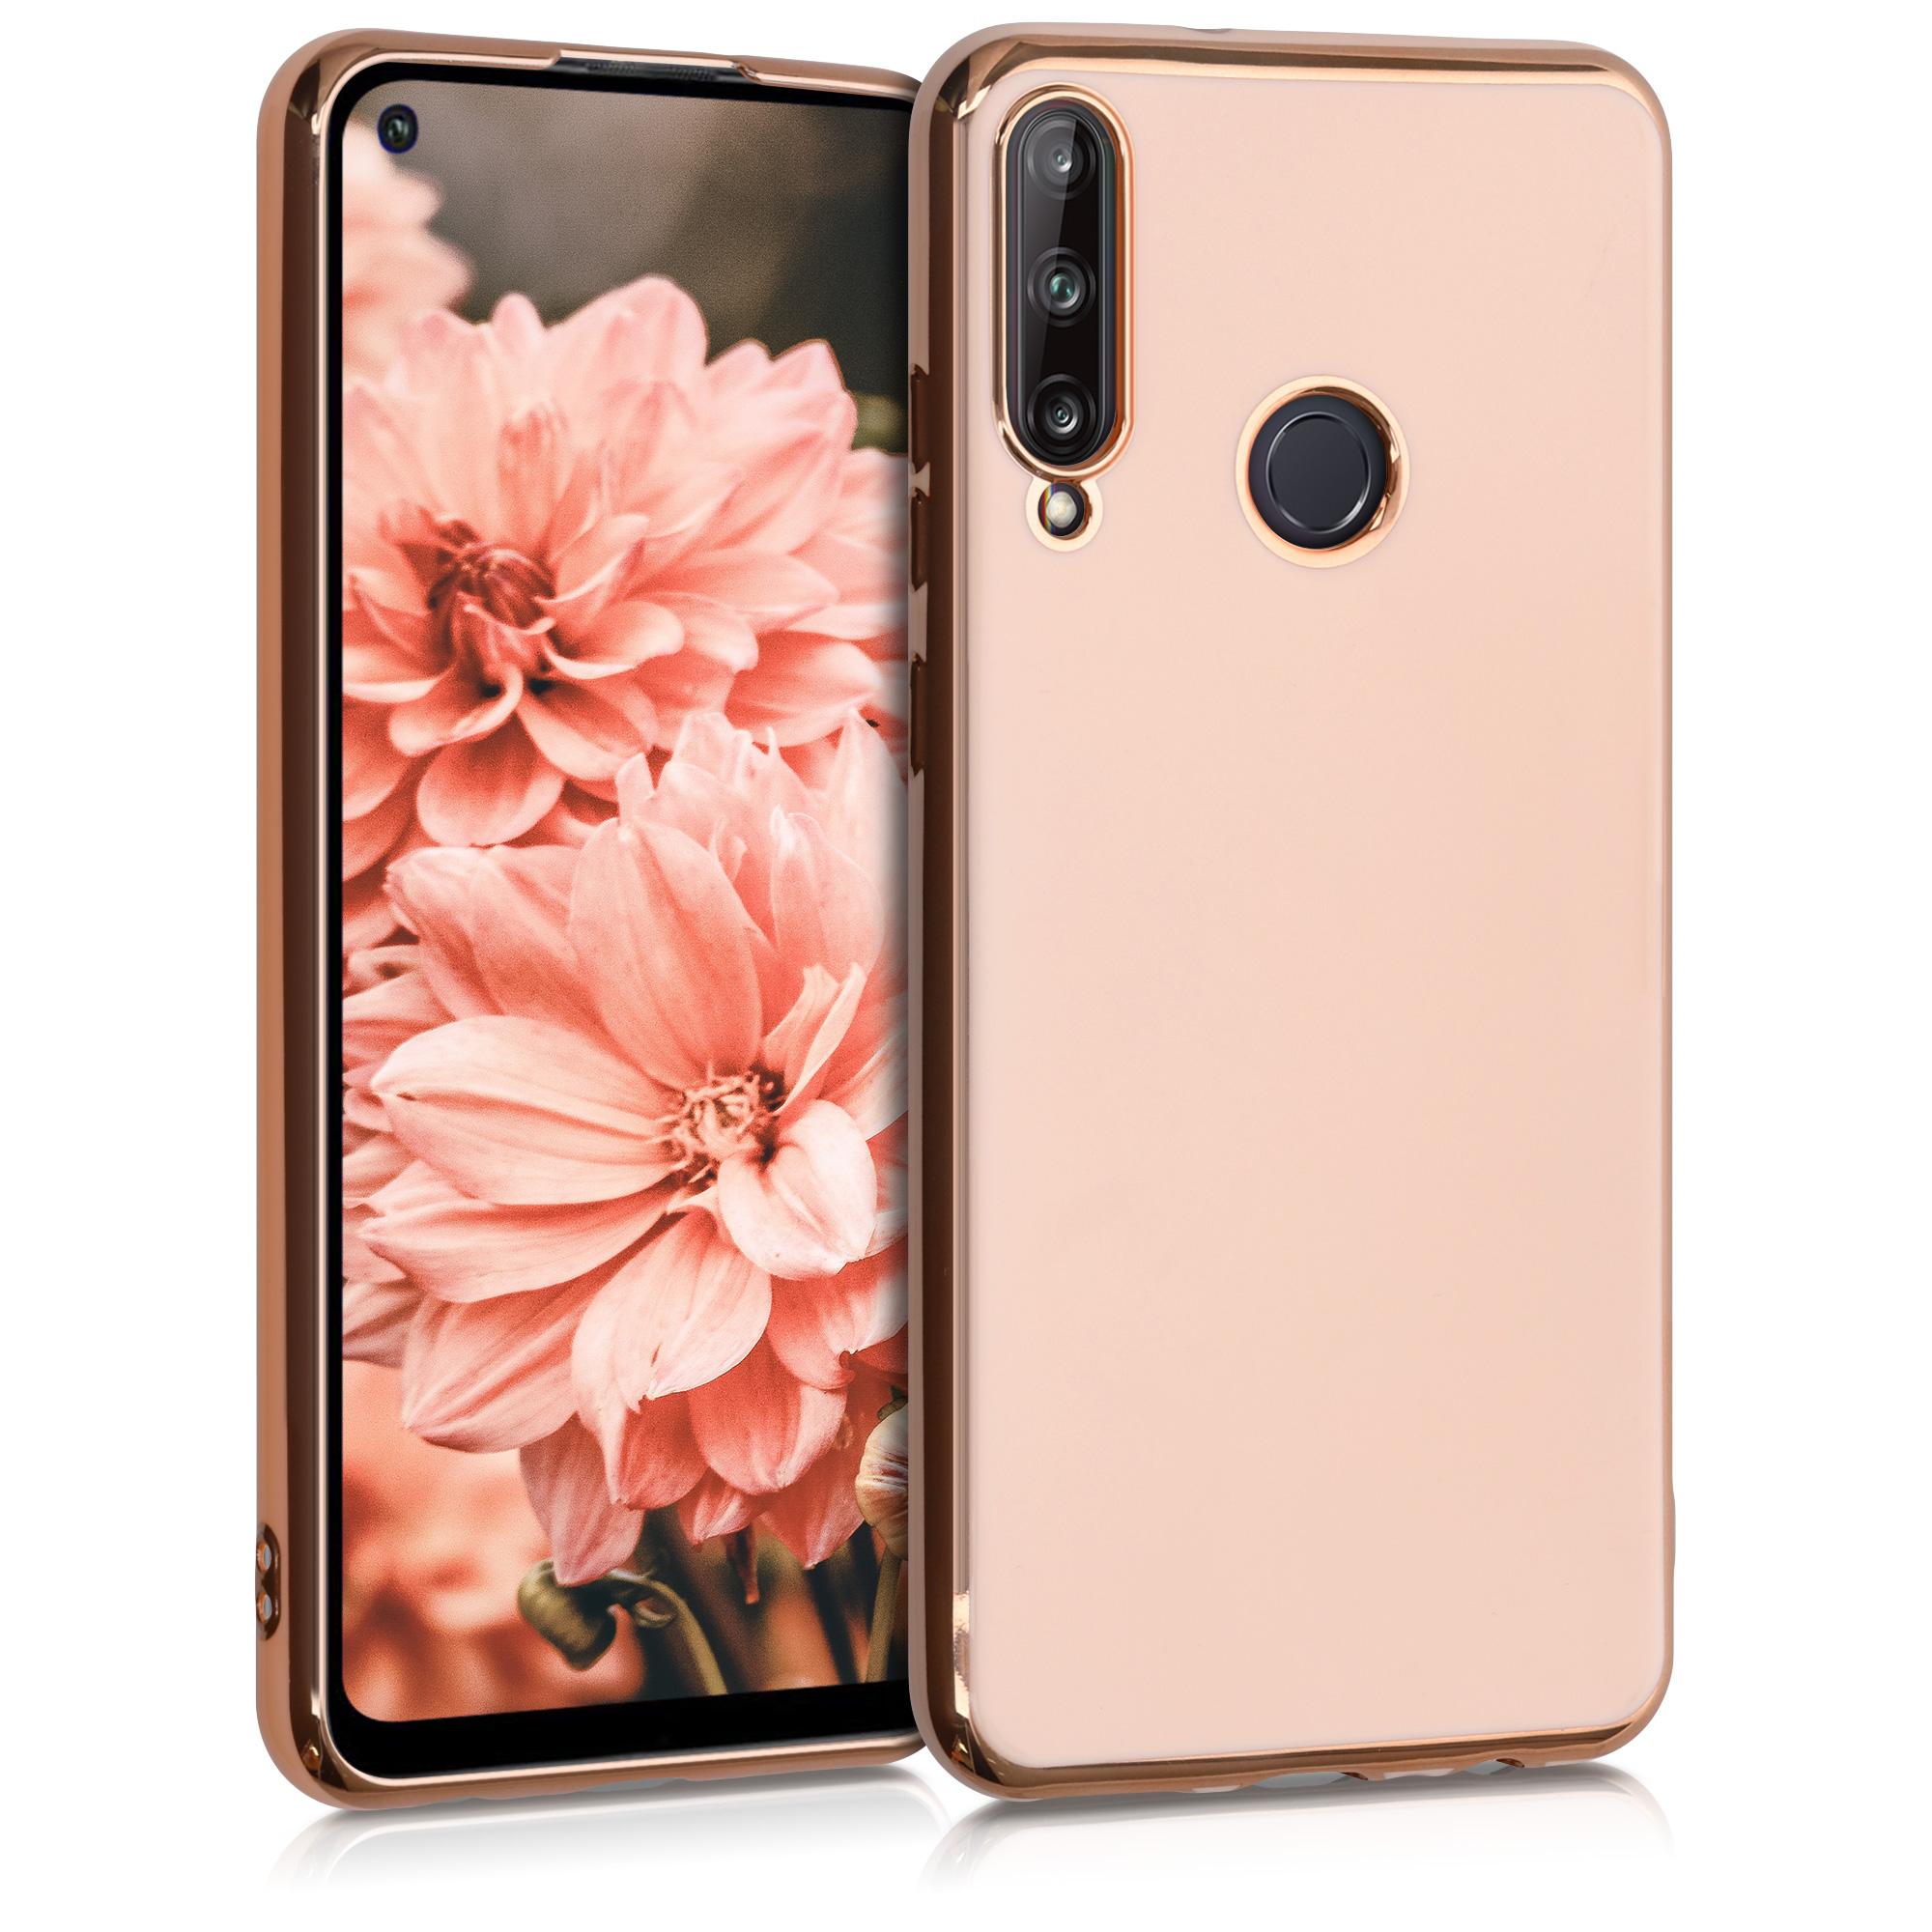 Luxusní zlaté růžové rosegold silikonové pouzdro / obal pro Huawei P40 Lite E